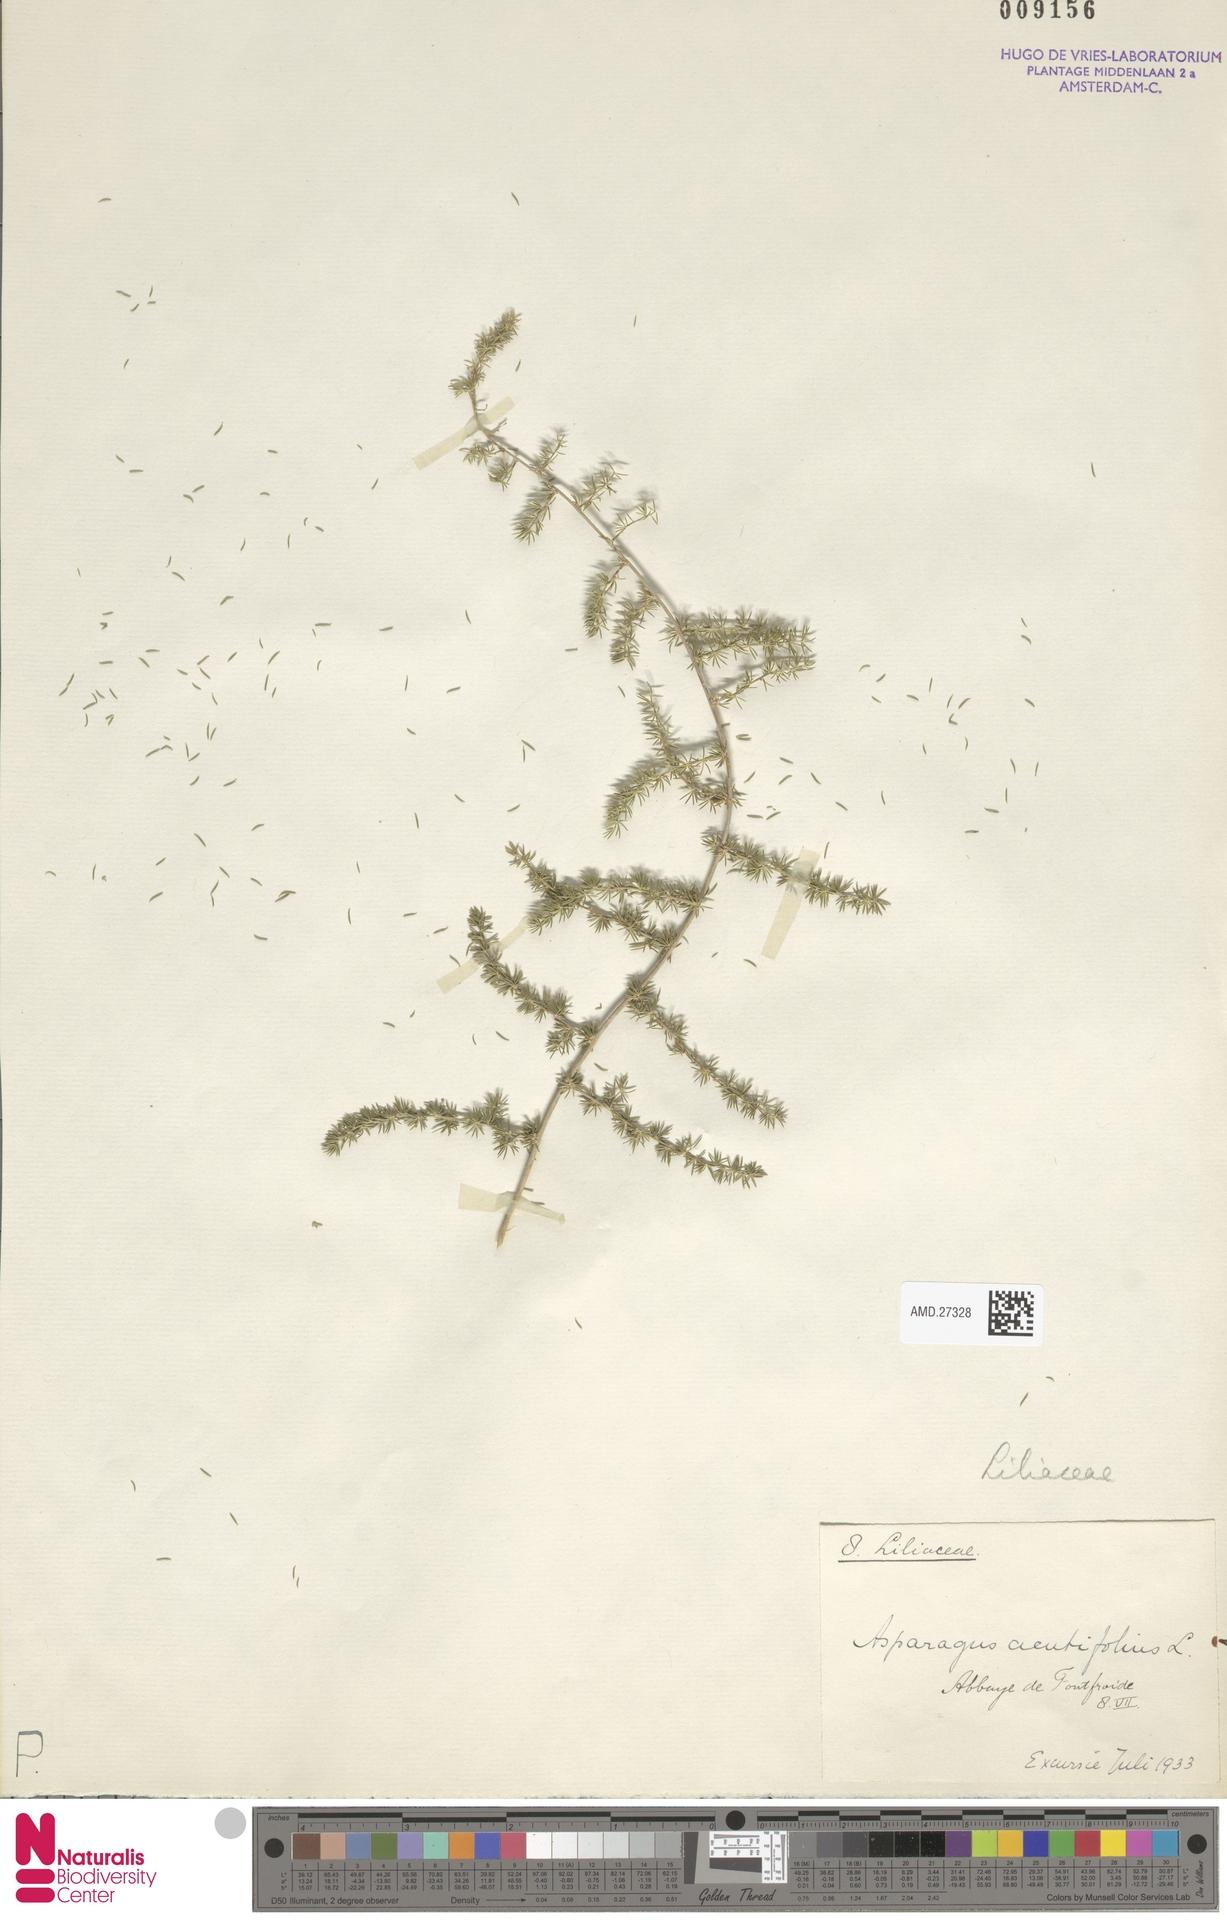 AMD.27328 | Asparagus acutifolius L.